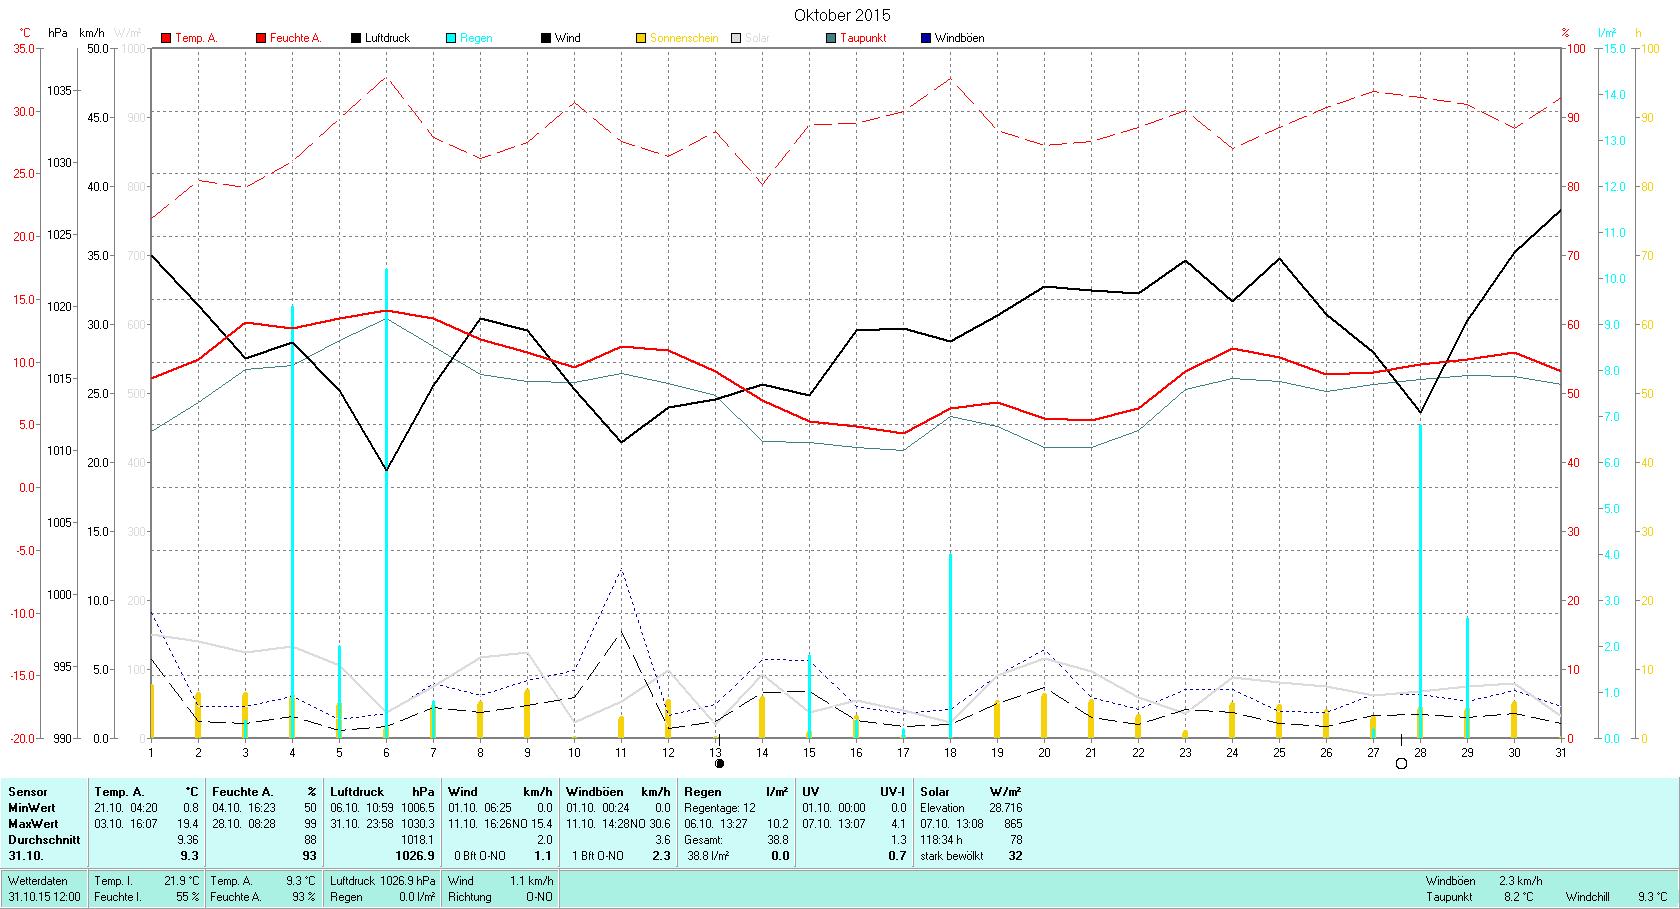 Oktober 2015 Tmin 0.8°C, Tmax 19.4°C, Sonne 118:34h, Niederschlag 38.8mm/2